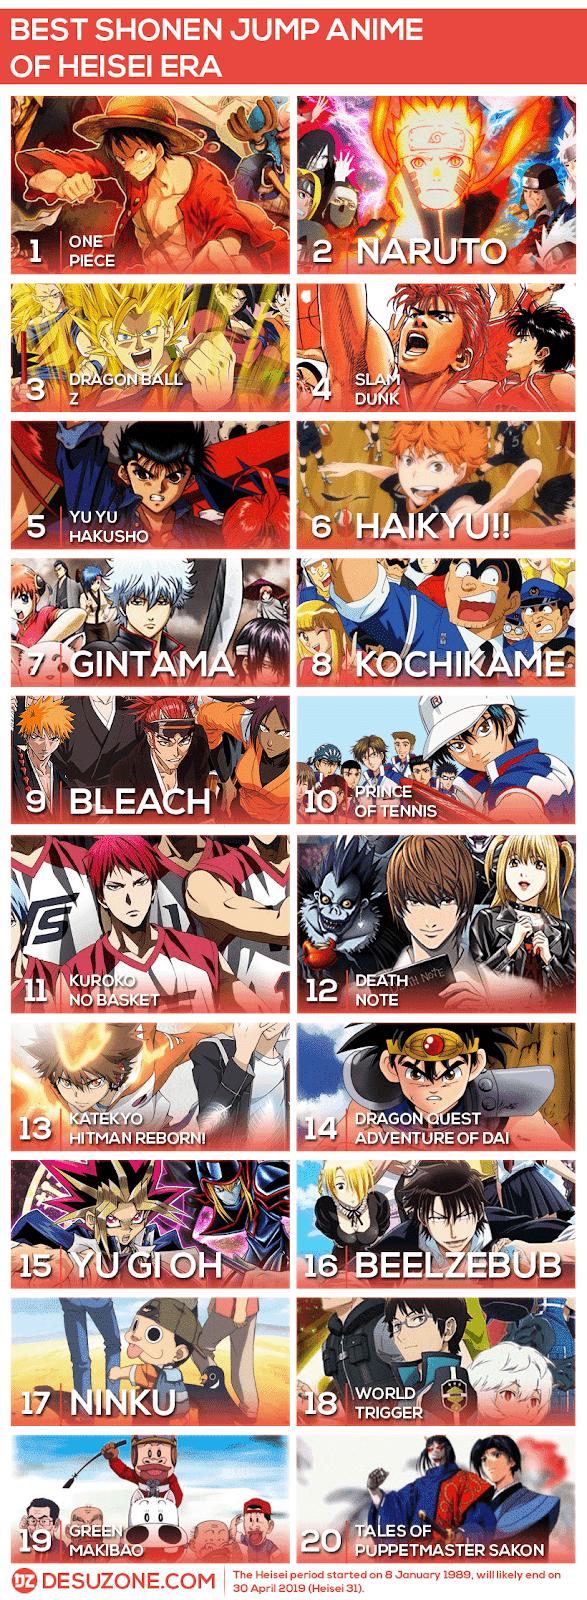 best jump anime of heisei era